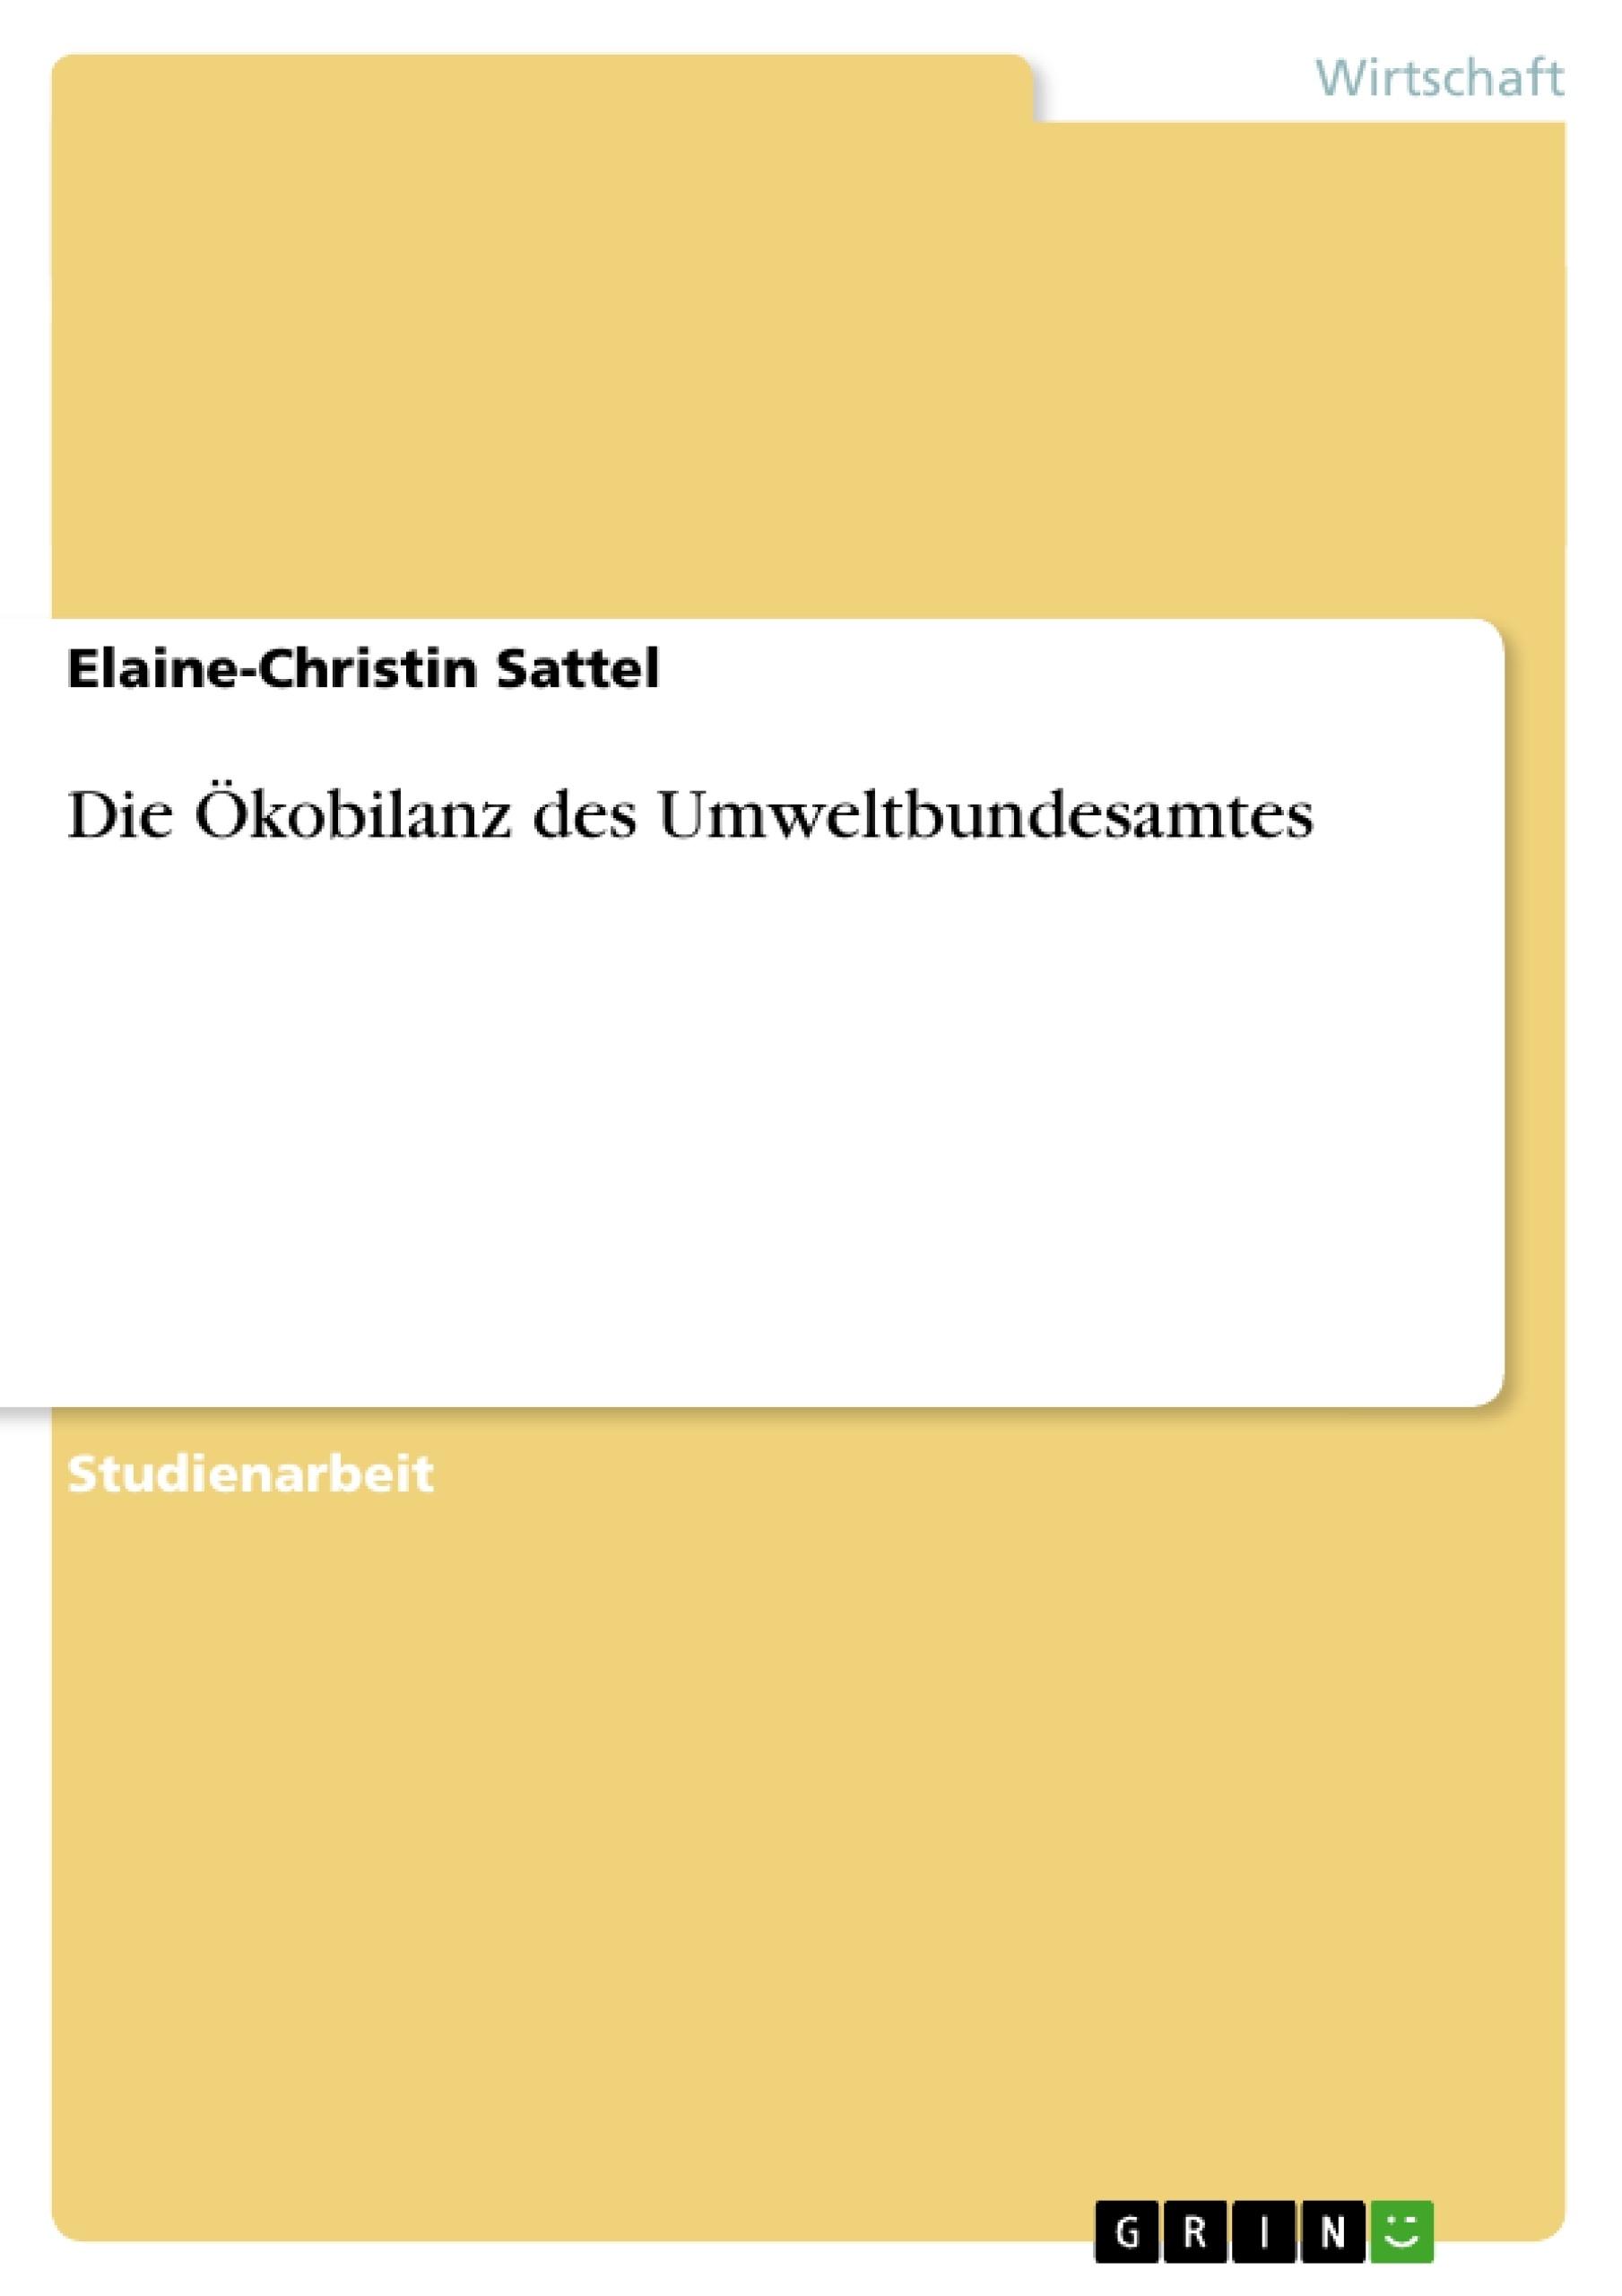 Titel: Die Ökobilanz des Umweltbundesamtes